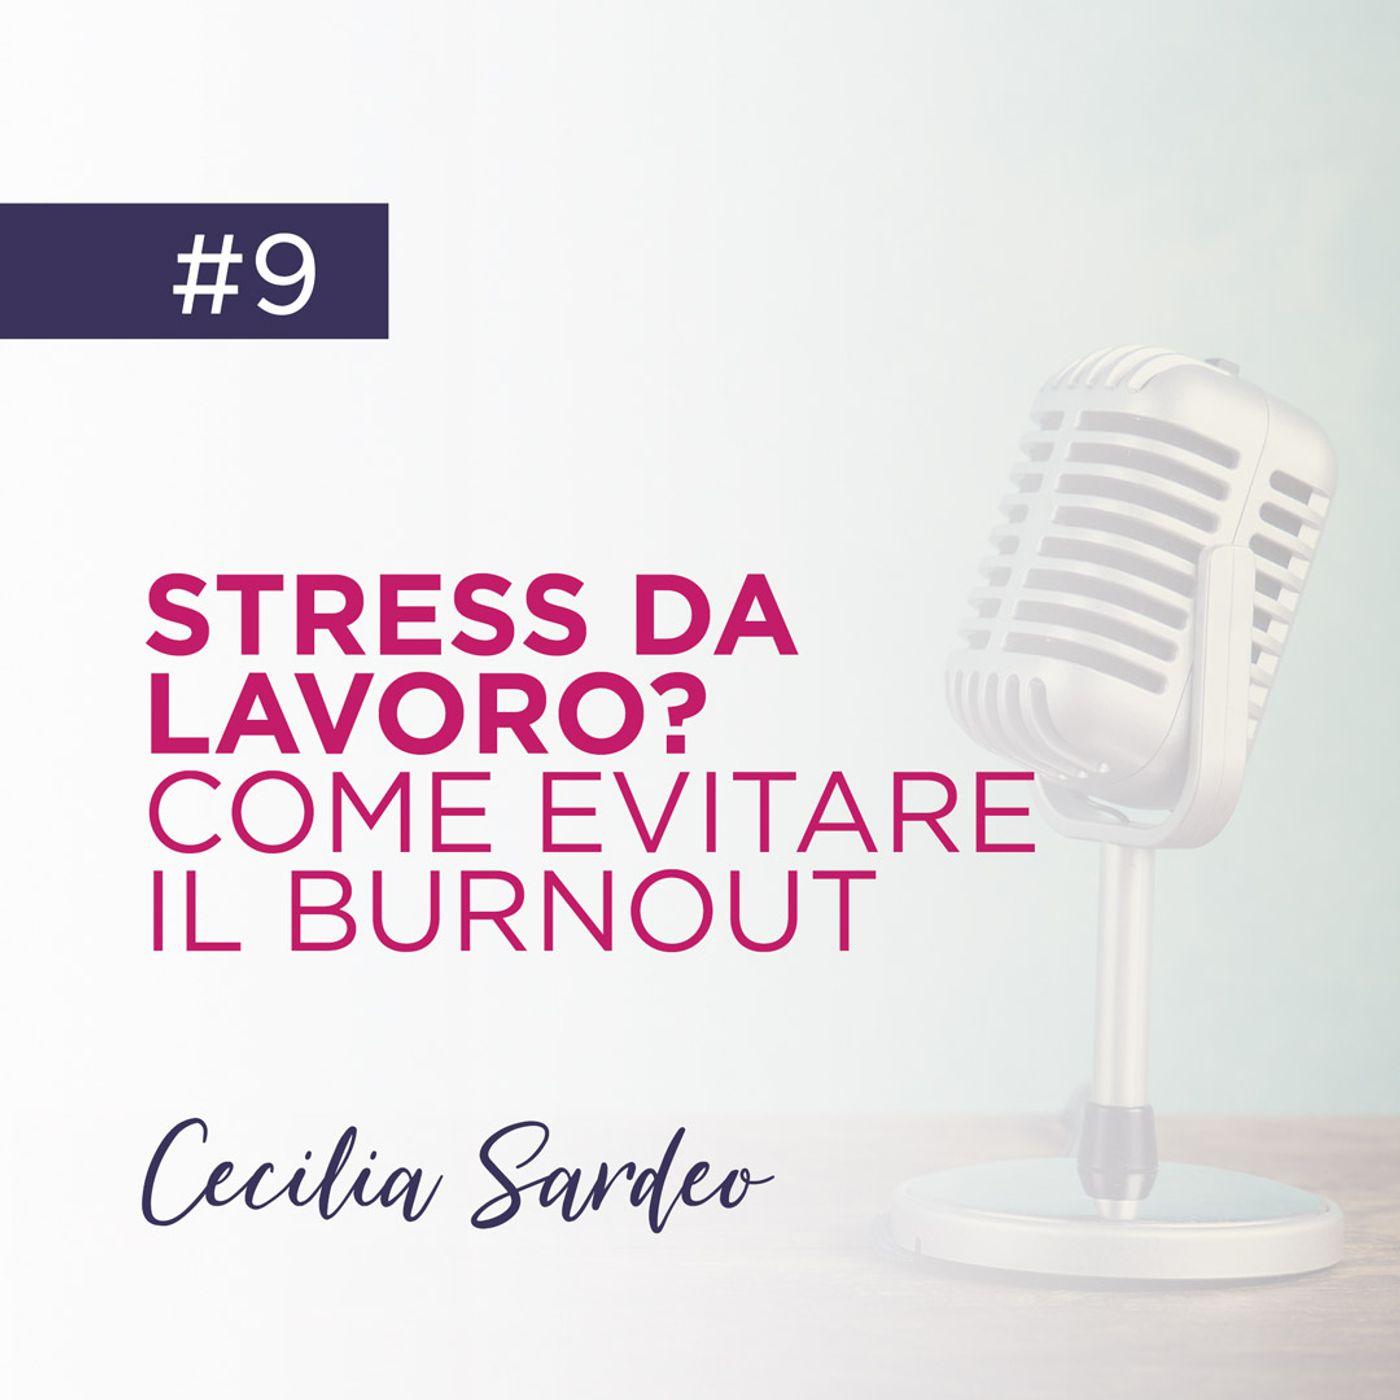 Stress da Lavoro? Come Evitare il Burnout!